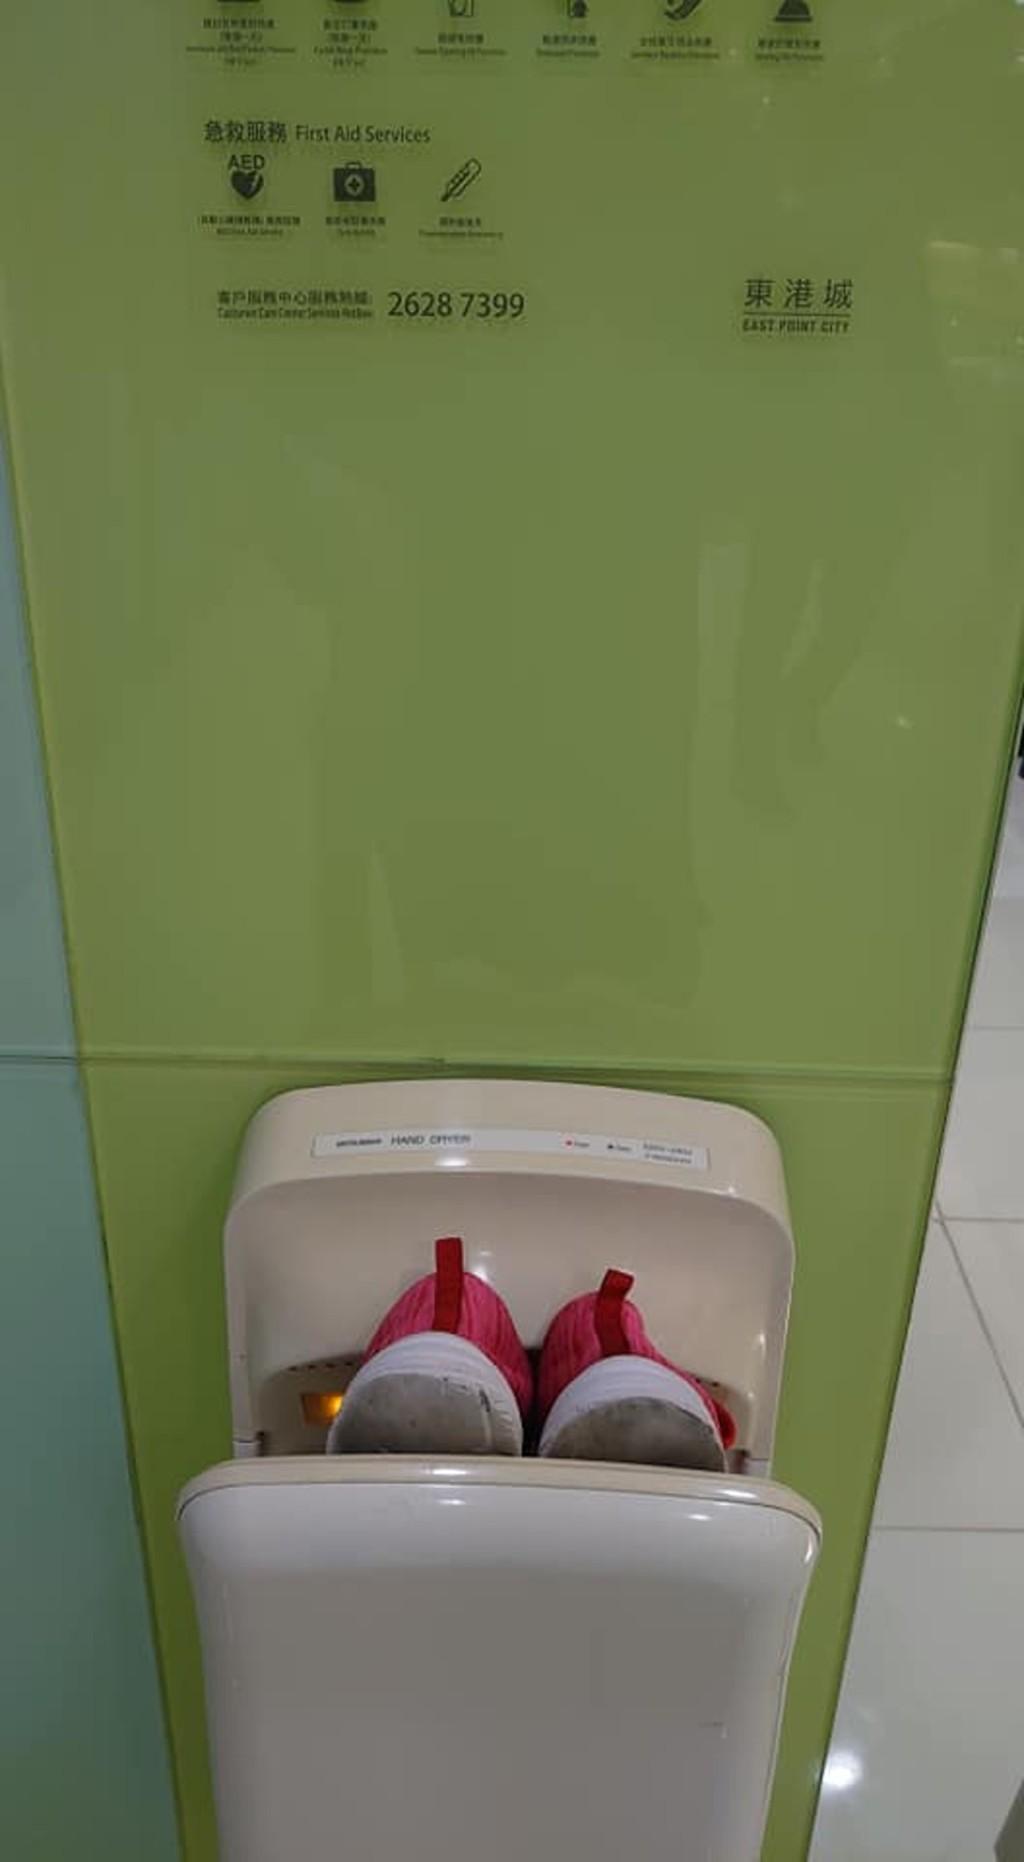 驚見烘手機被「塞運動鞋」太缺德 難怪烘完手細菌更多...